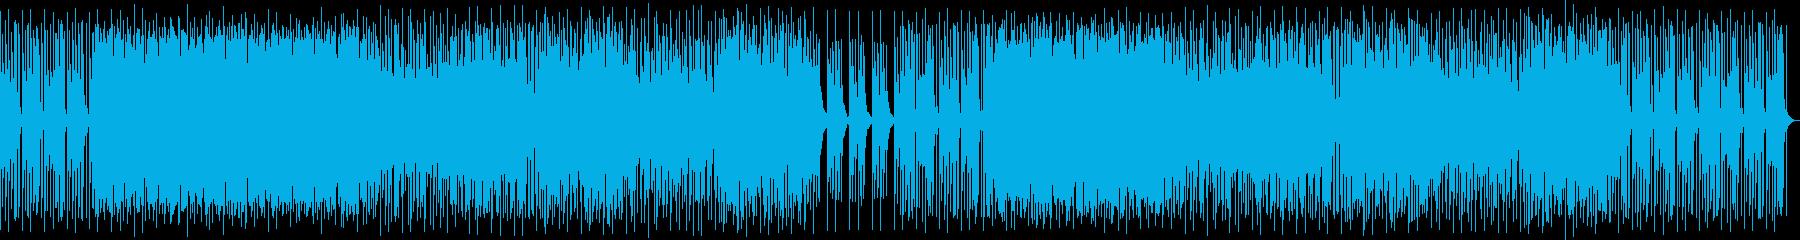 浮遊感・不思議・リズミカルにあうポップスの再生済みの波形